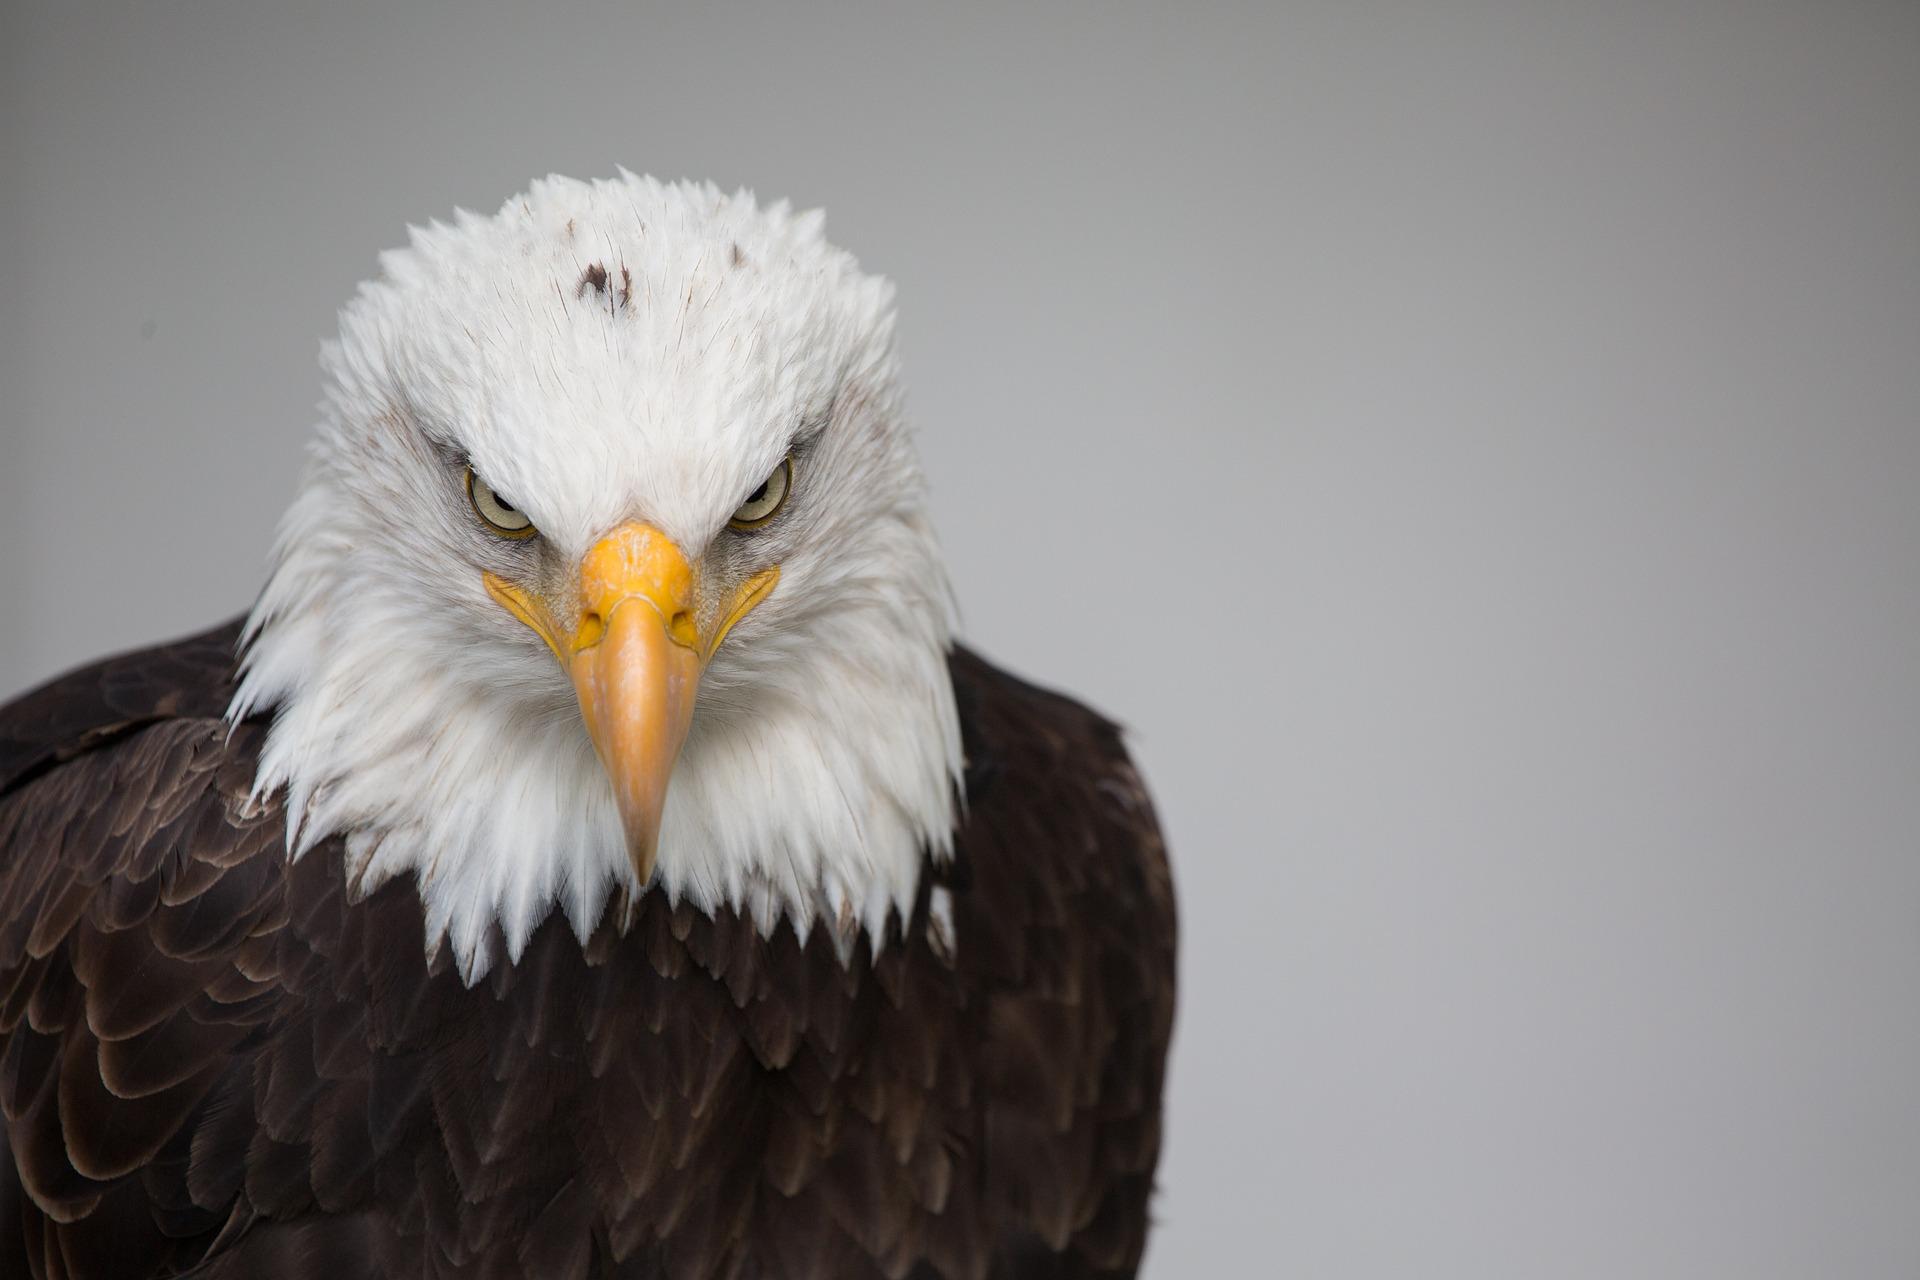 eagle-714430_1920